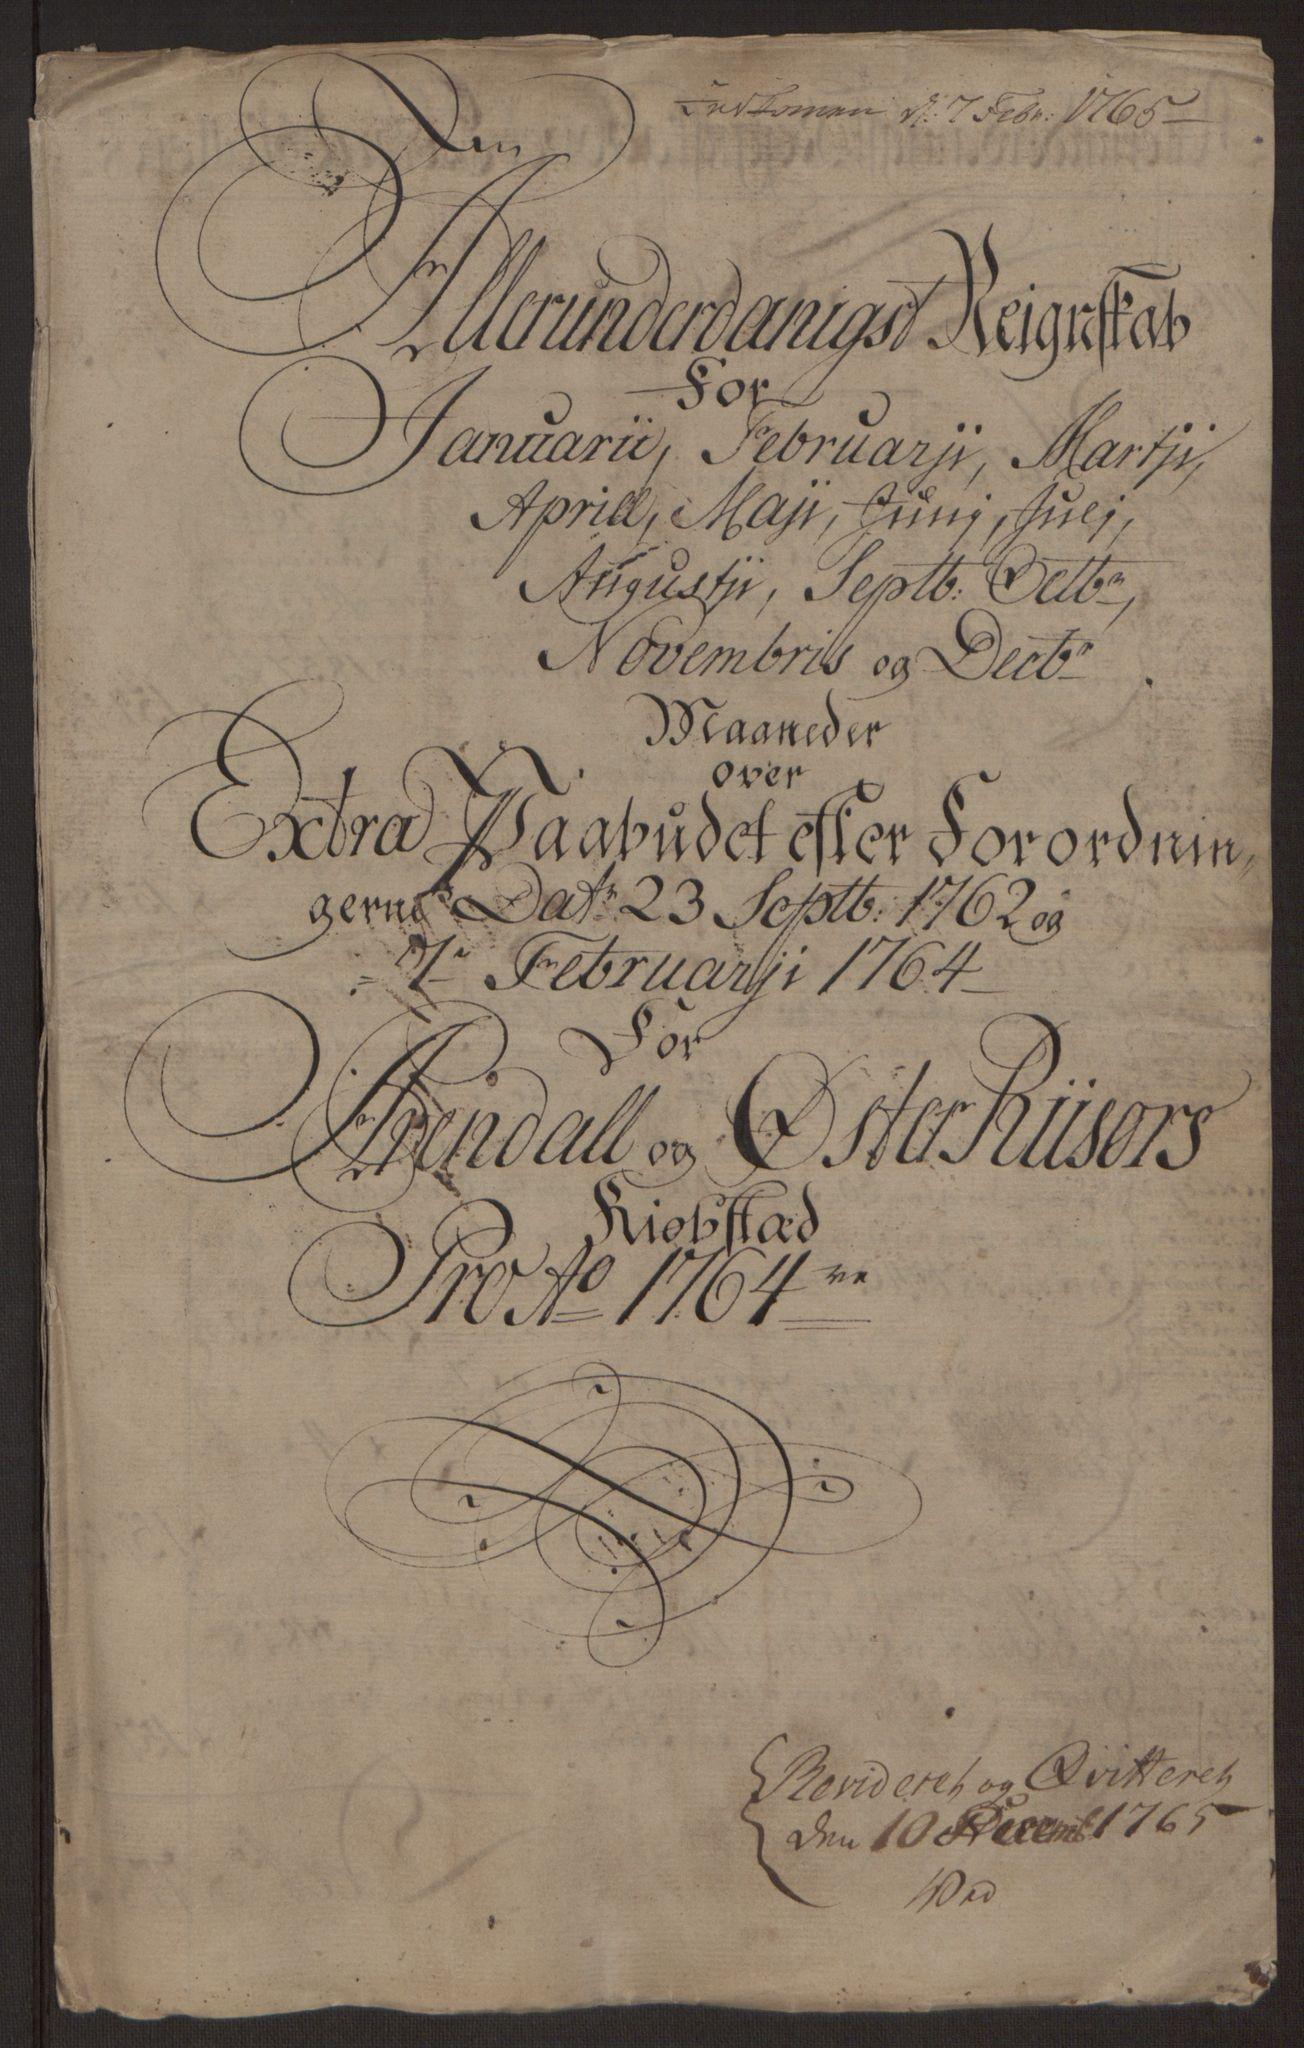 RA, Rentekammeret inntil 1814, Reviderte regnskaper, Byregnskaper, R/Rl/L0230: [L4] Kontribusjonsregnskap, 1762-1764, s. 391